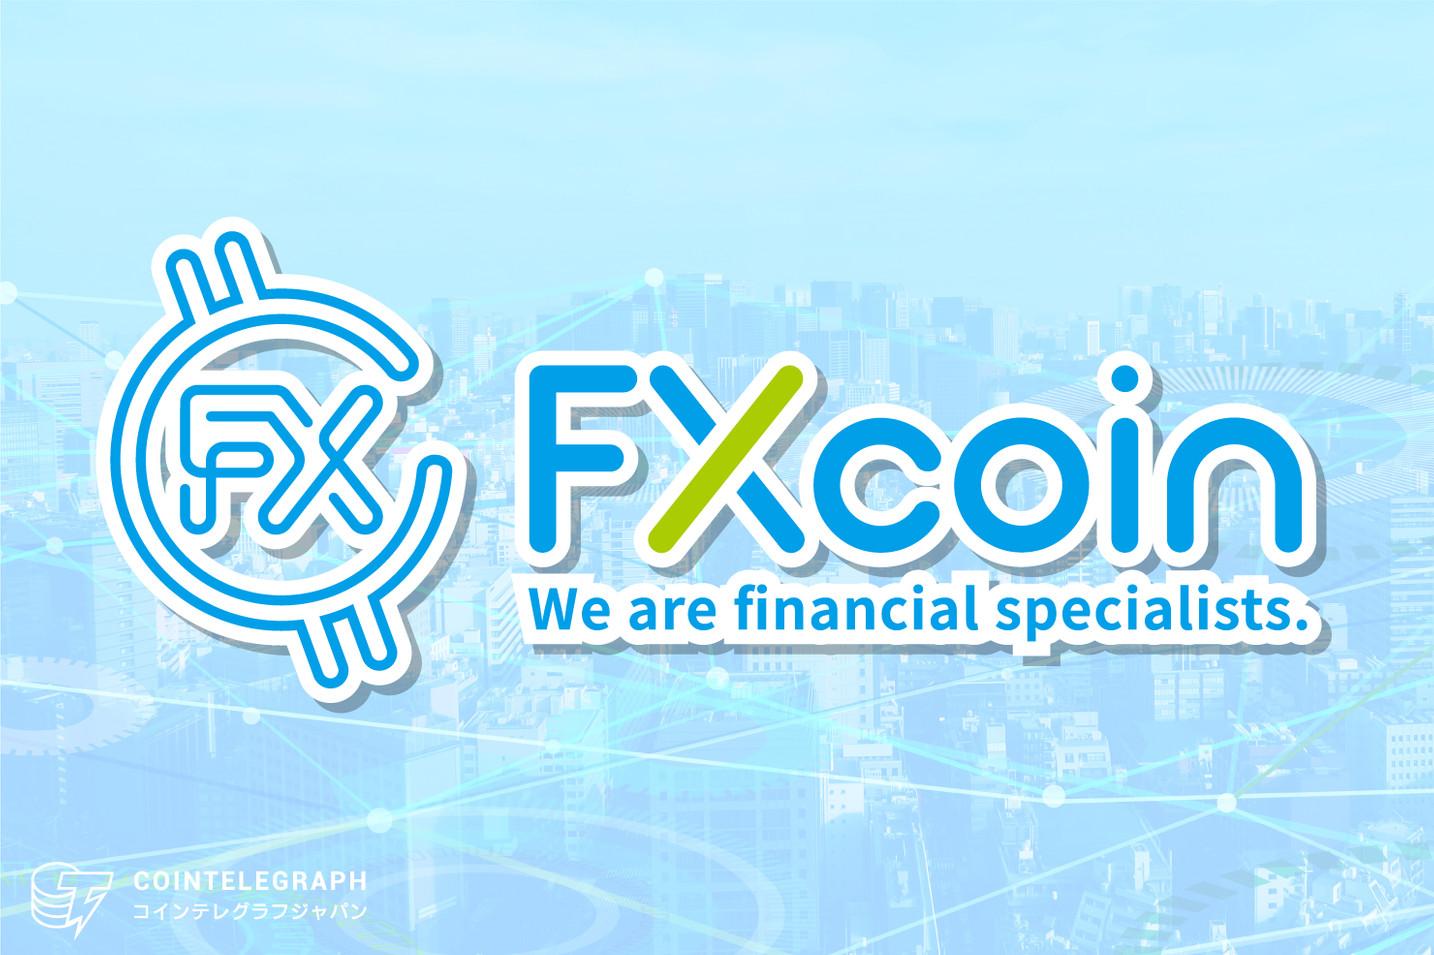 海外事業会社との決済に関連して行った暗号資産XRP取引の実証実験について【FXcoin】